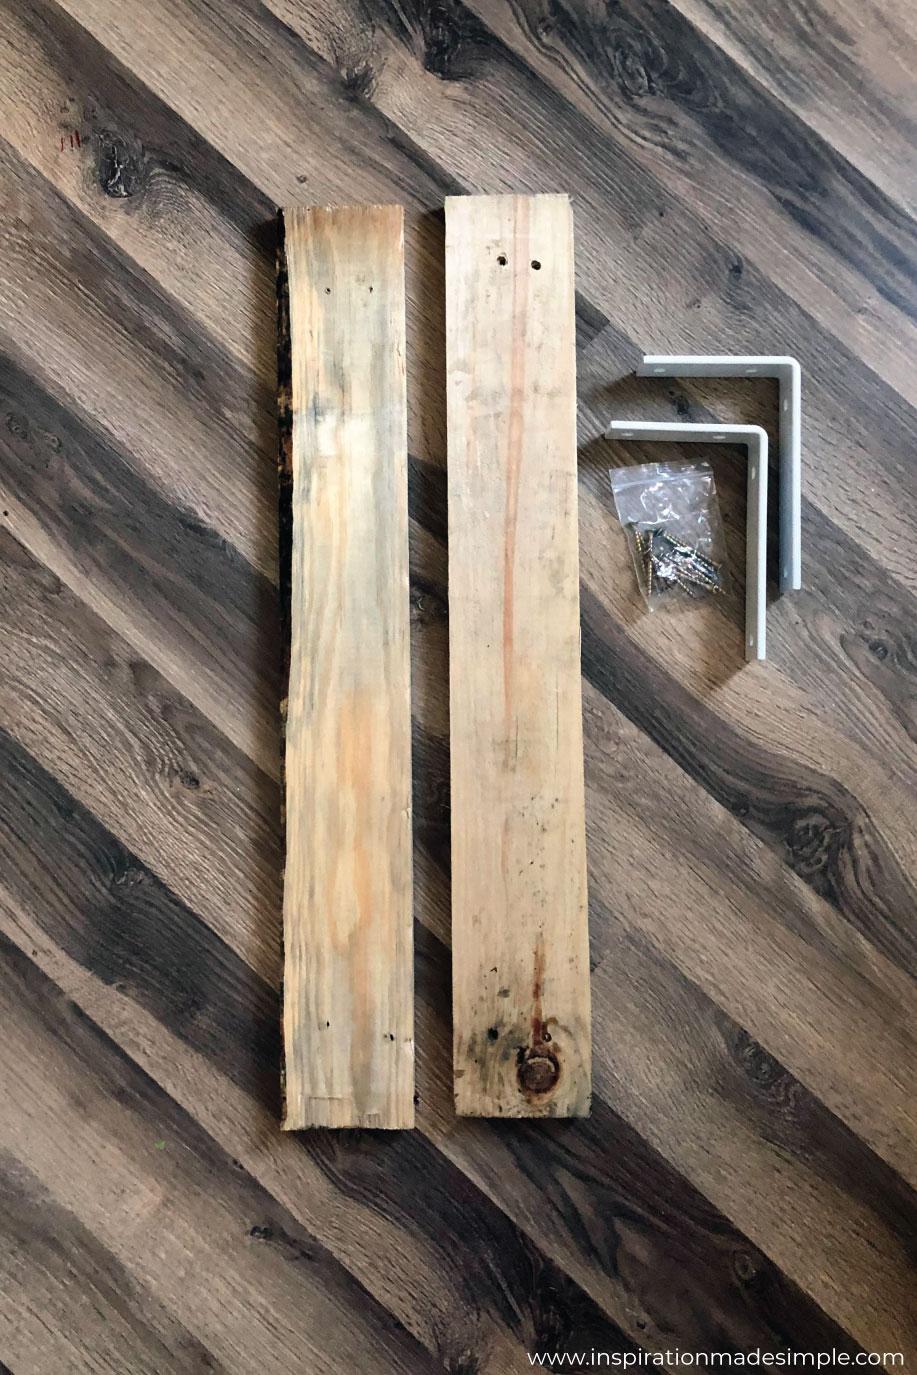 DIY Wood Plank Shelves for under $16